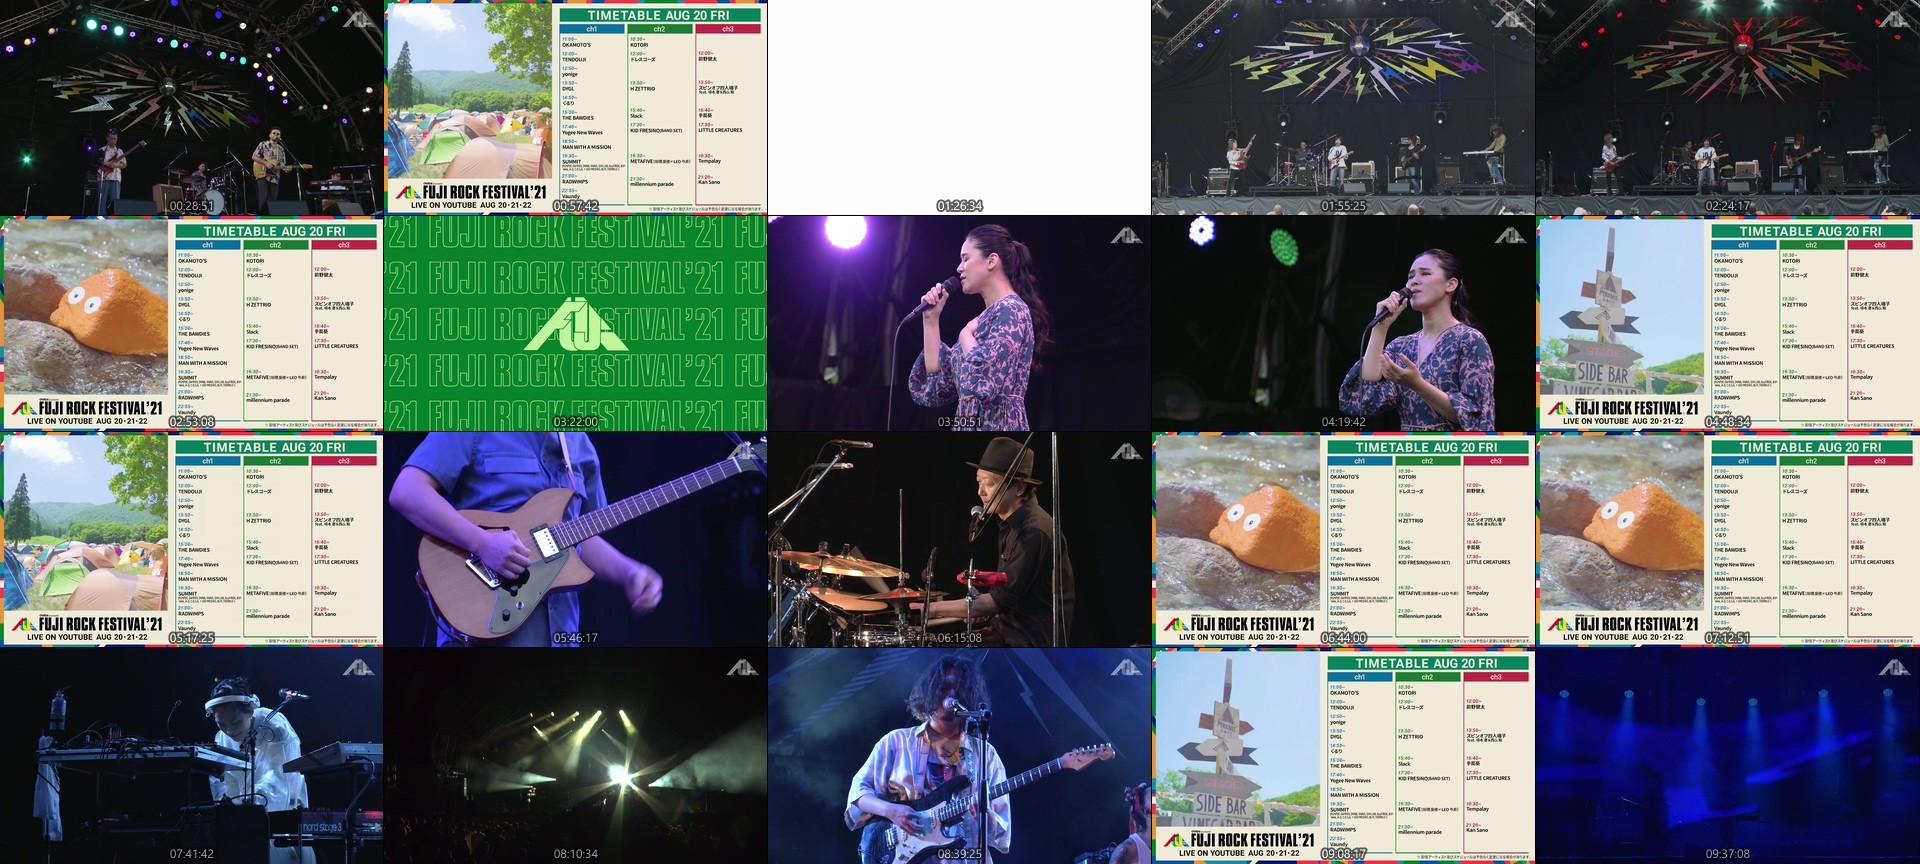 FUJI ROCK FESTIVAL – FUJI ROCK FESTIVAL '21 DAY1 LIVE Channel 3 (YouTube Live 2021.08.20)